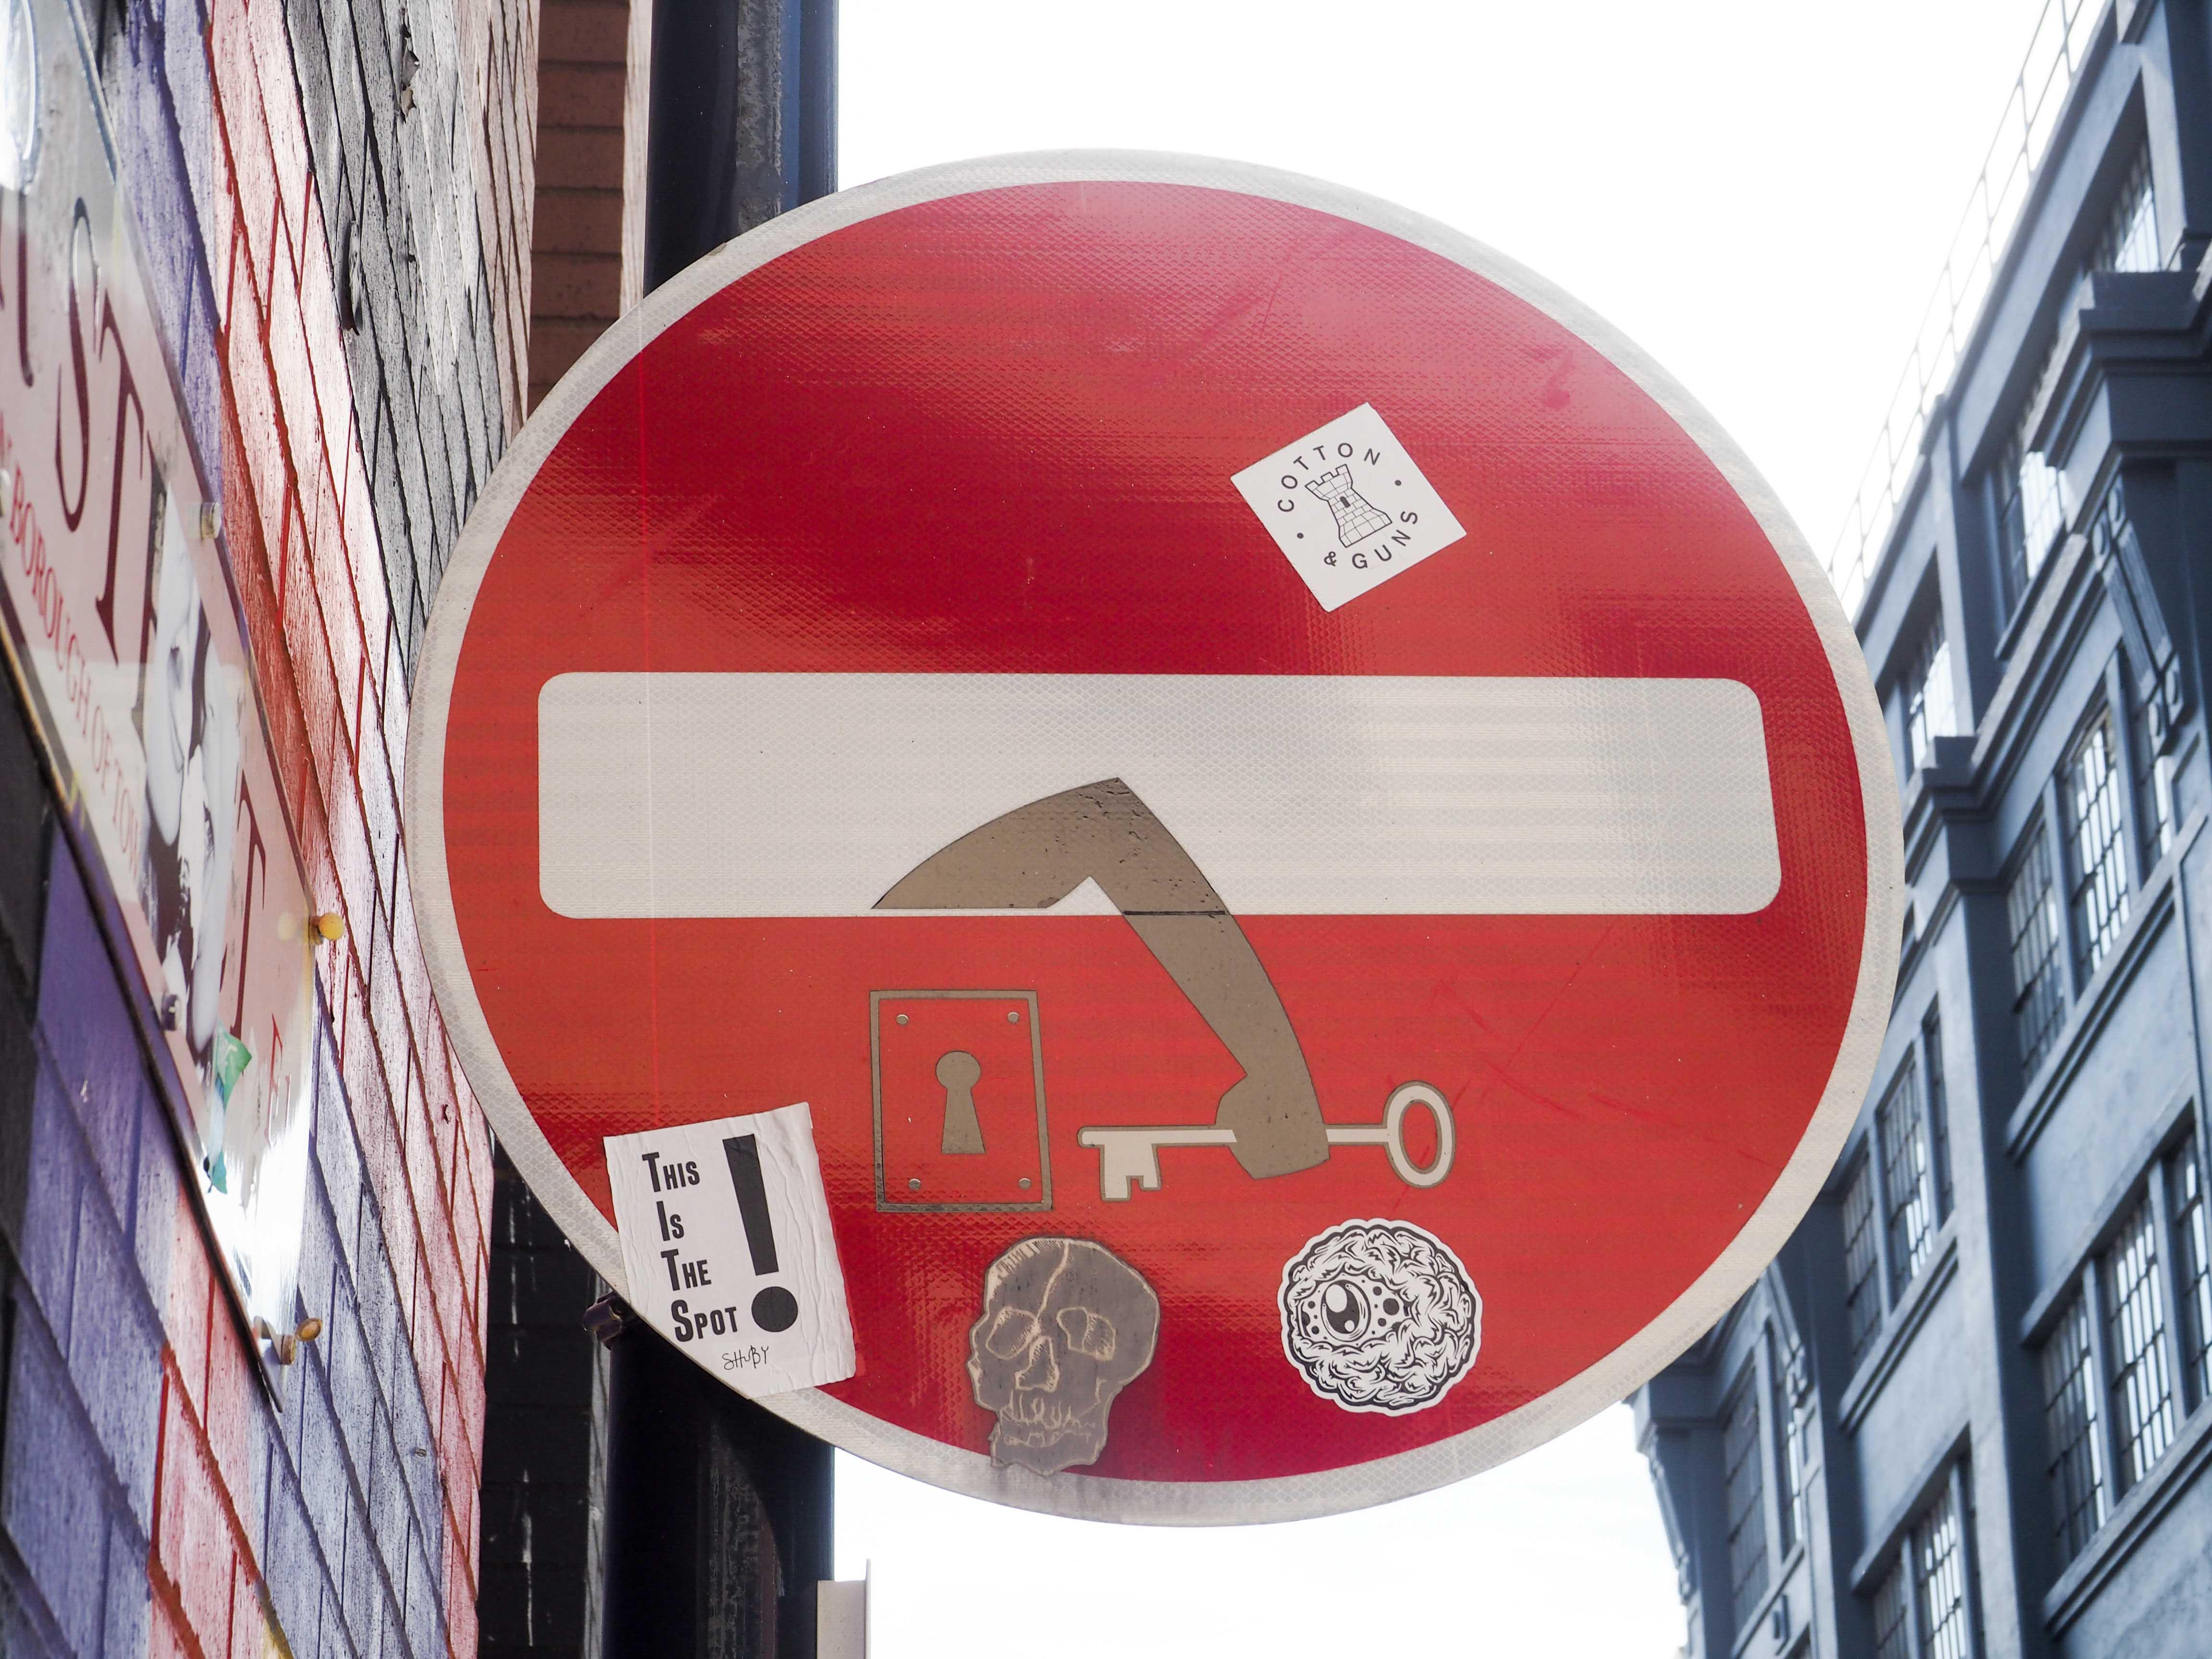 Durchfahrt Verboten Schild mit Arm und Schlüssel verändert